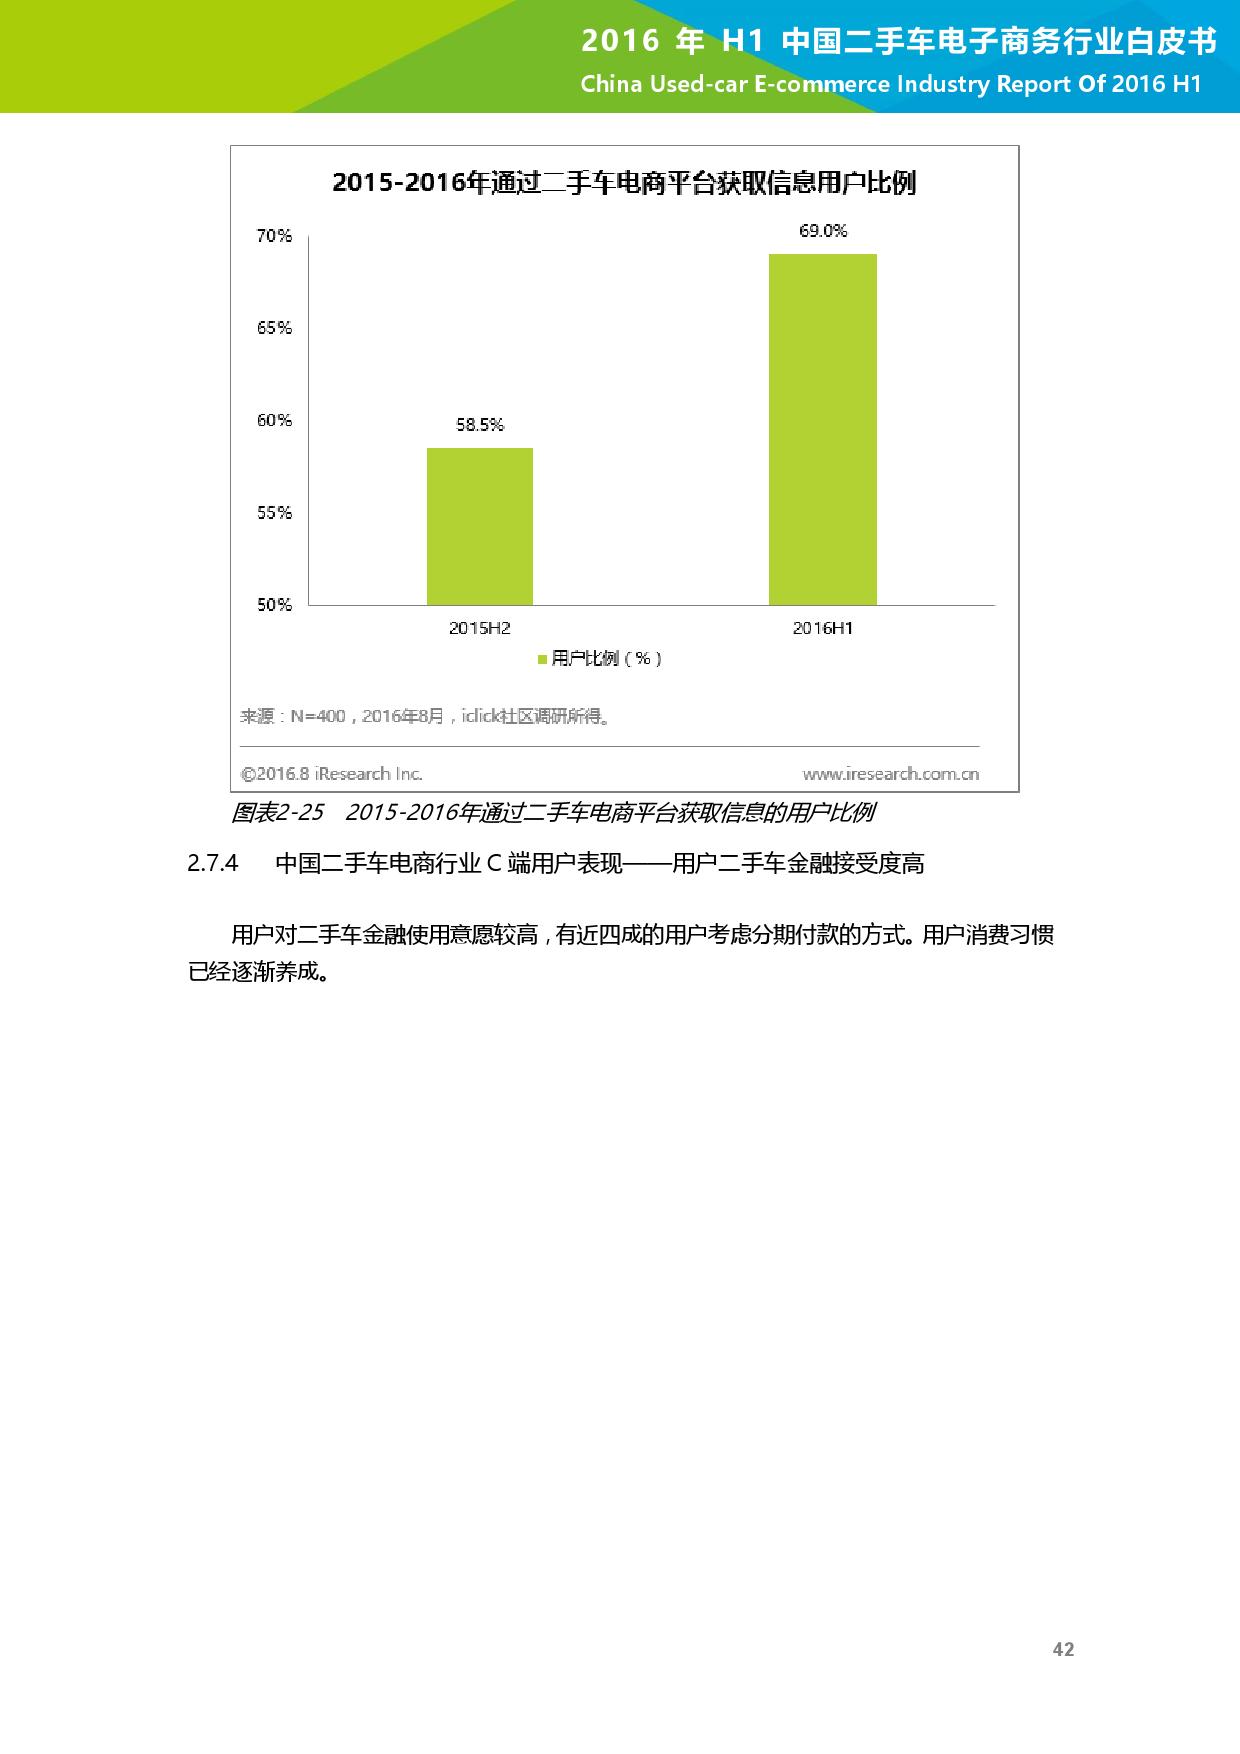 2016年H1中国二手车电子商务行业白皮书_000043